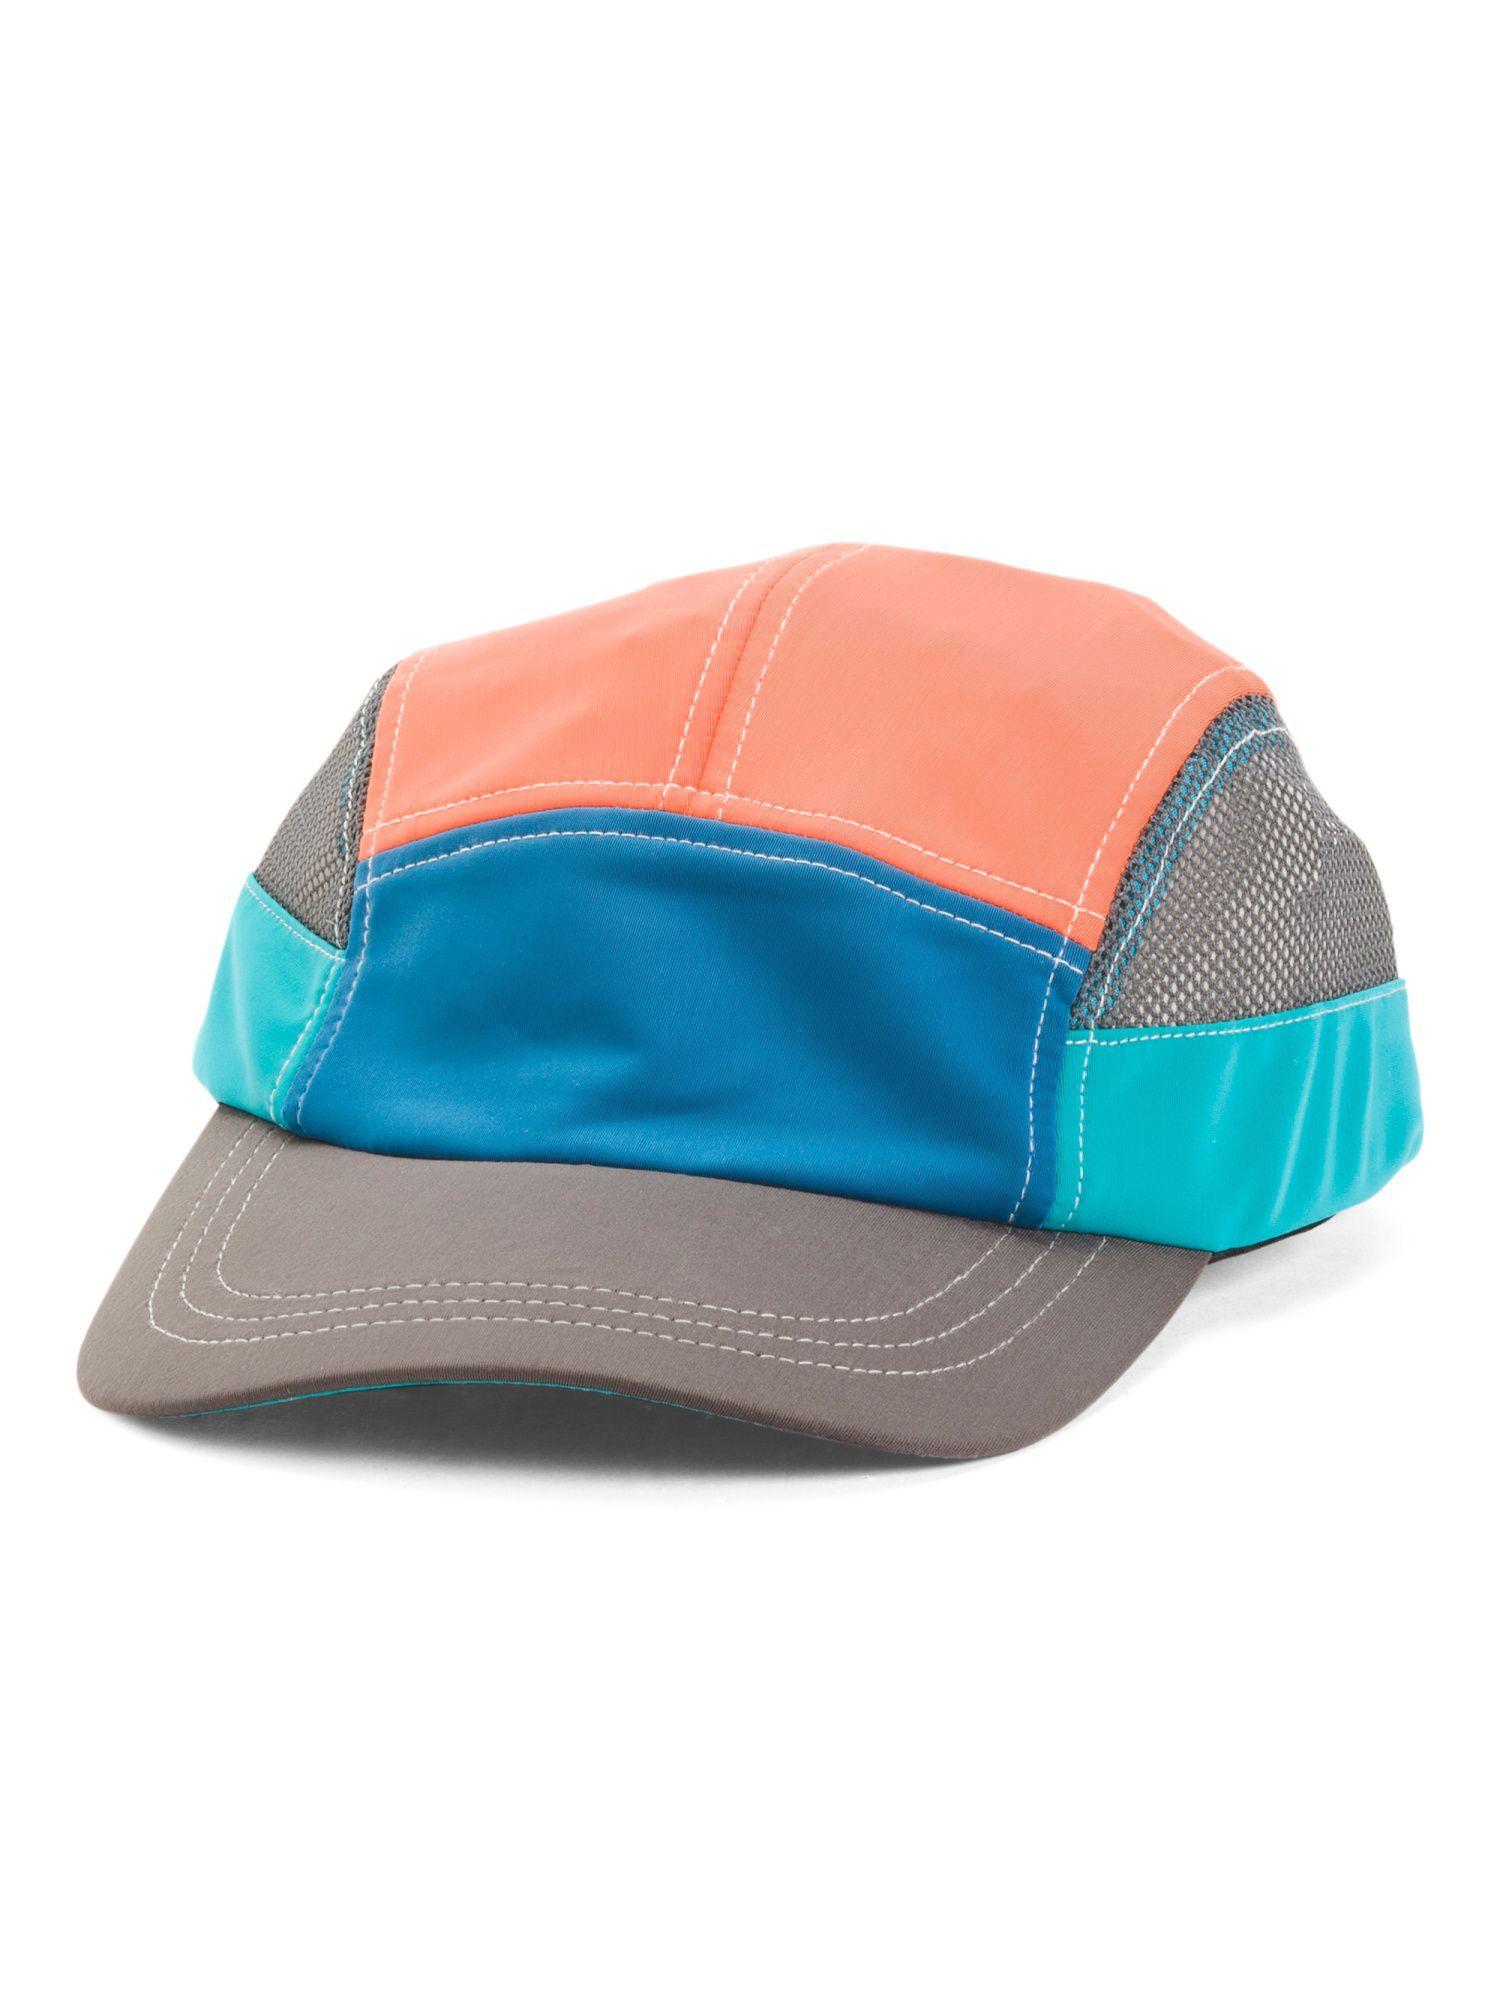 975ee7e65a Color Block Baseball Cap | Products | Hats, Baseball cap, Color blocking